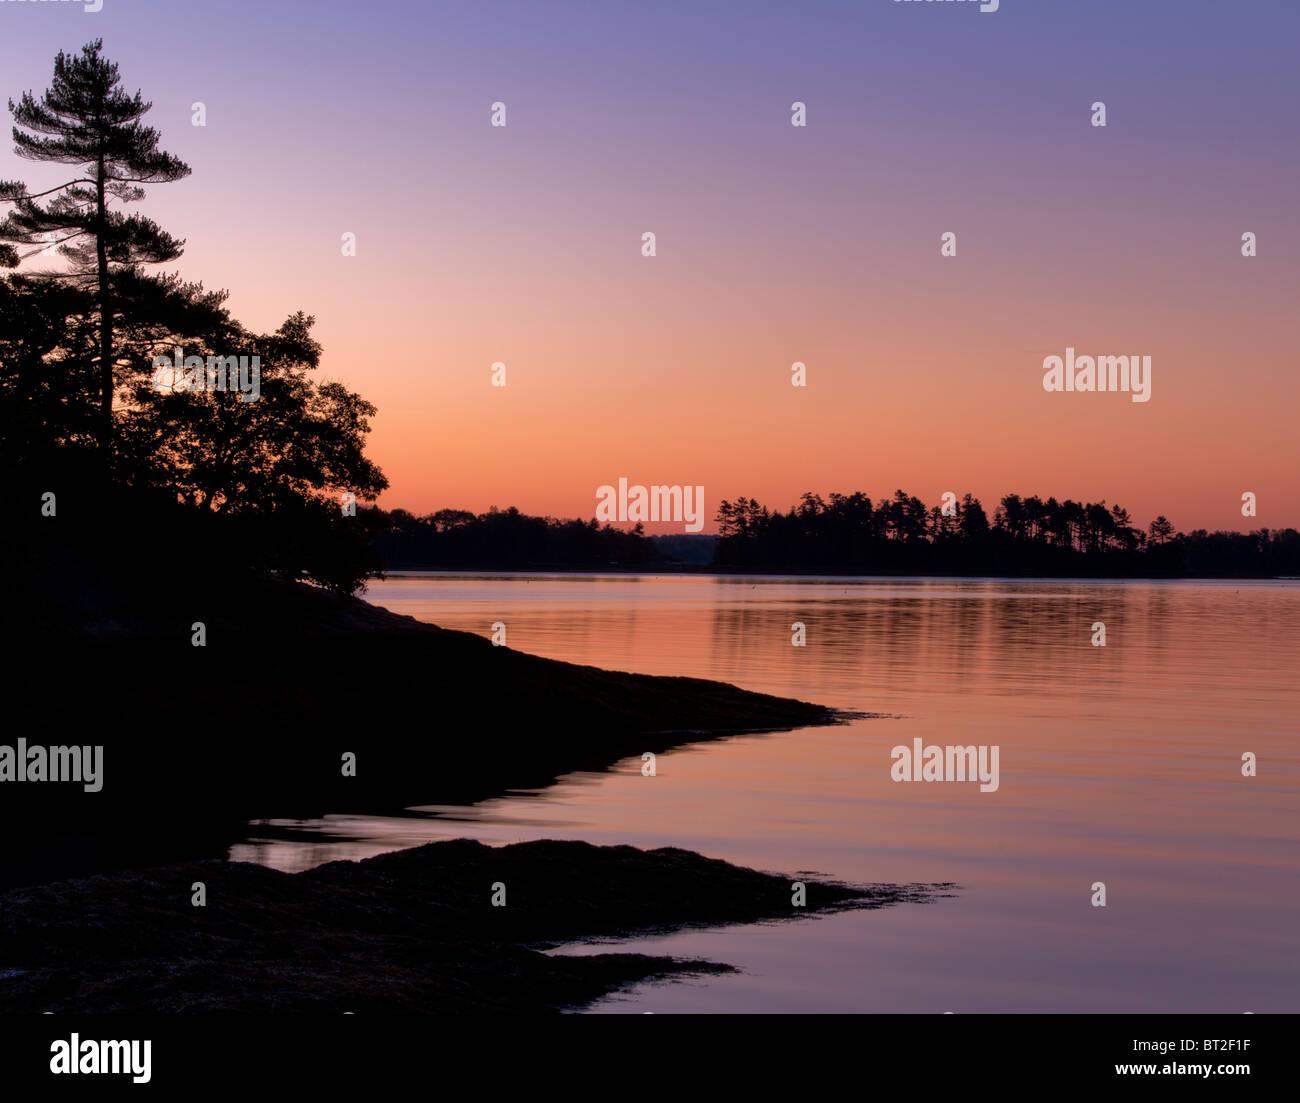 Casco Bay all'alba, una silhouette. Immagini Stock